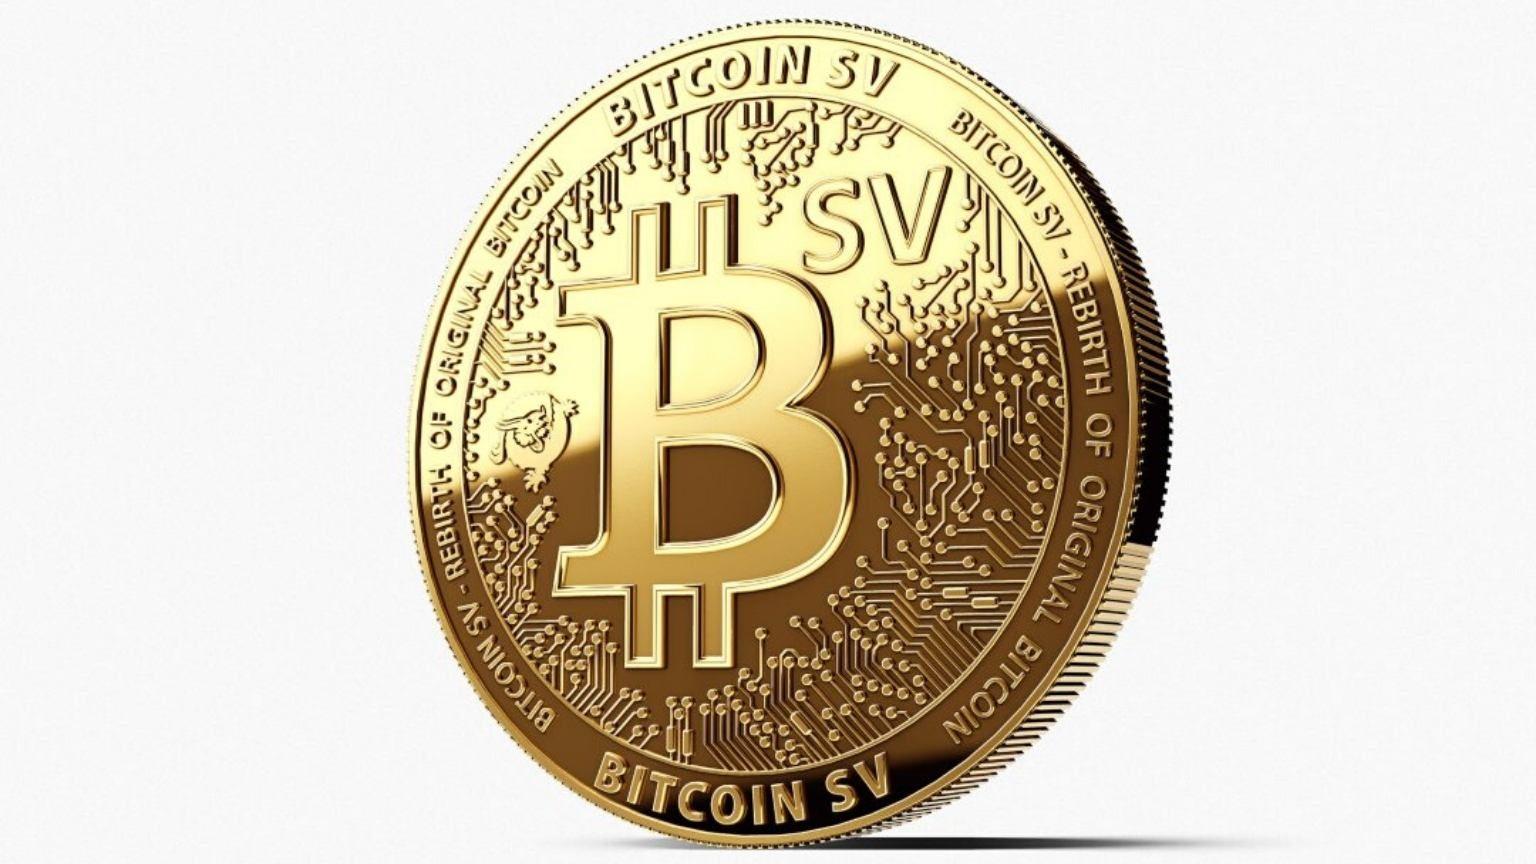 Bitcoin SV Coin